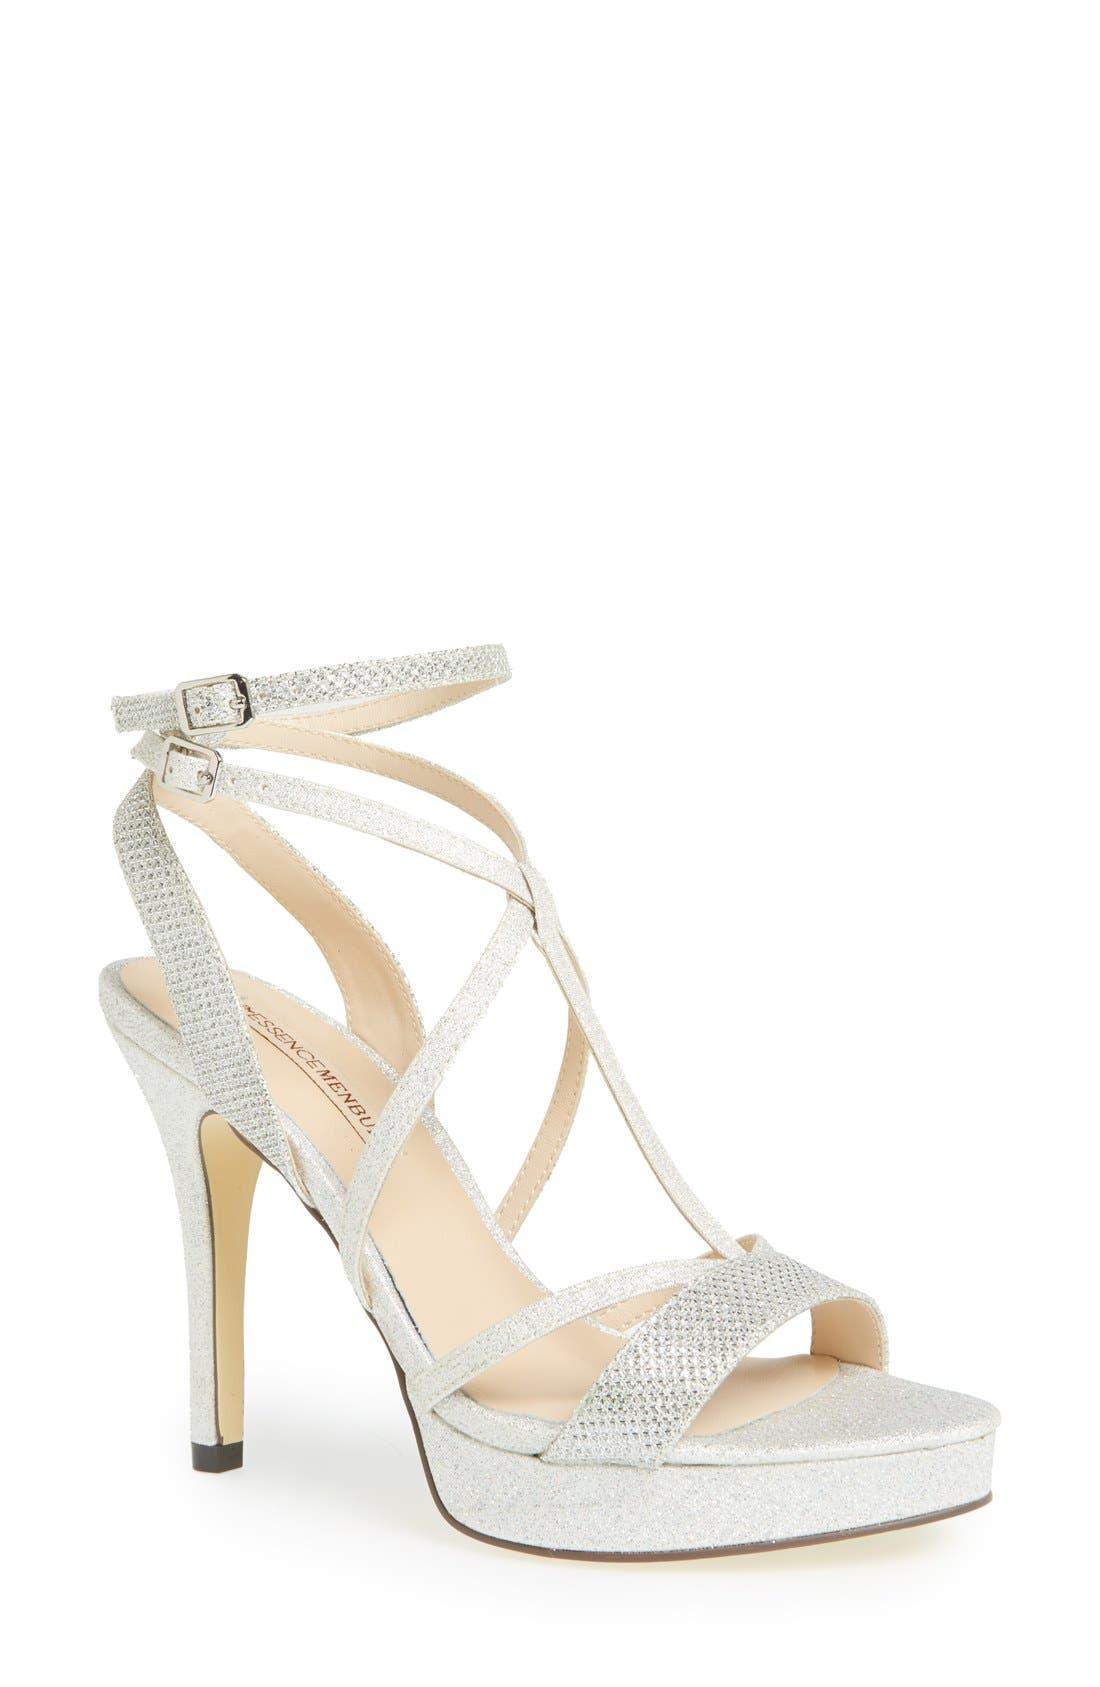 Main Image - Menbur 'Algar' Glitter Platform Sandal (Women)